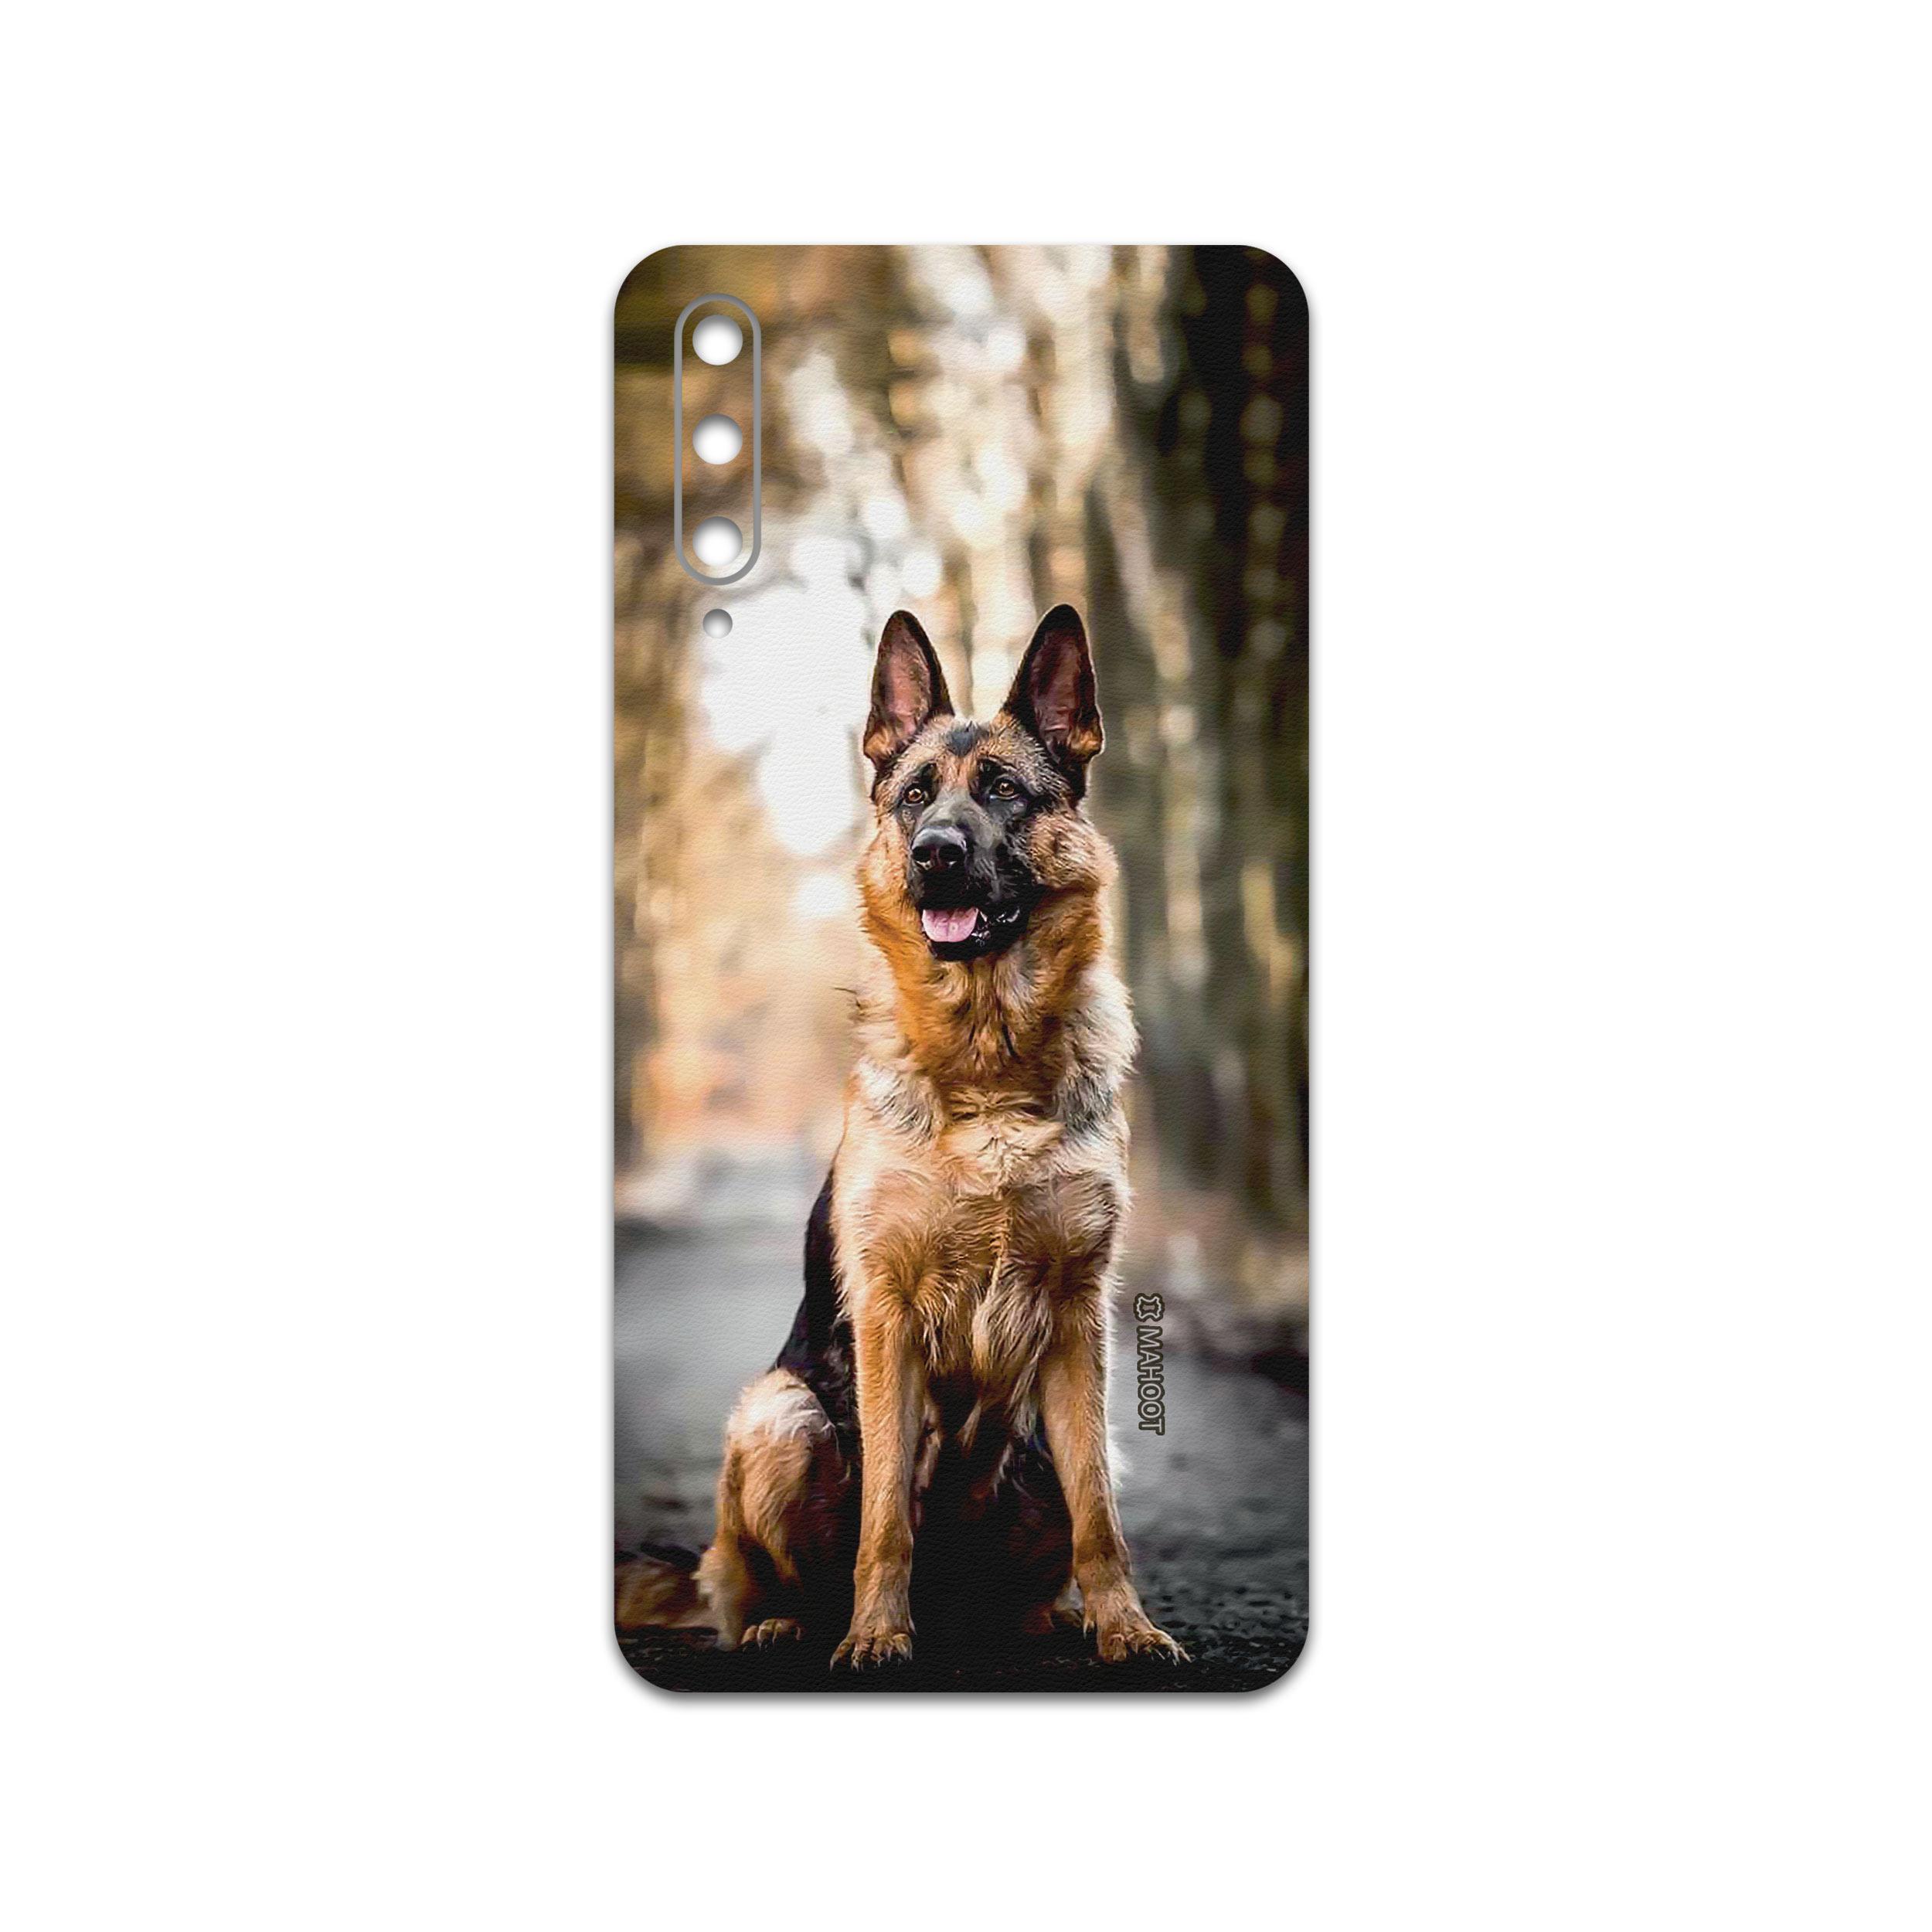 برچسب پوششی ماهوت مدل Dog-1 مناسب برای گوشی موبایل هوآوی Y9s